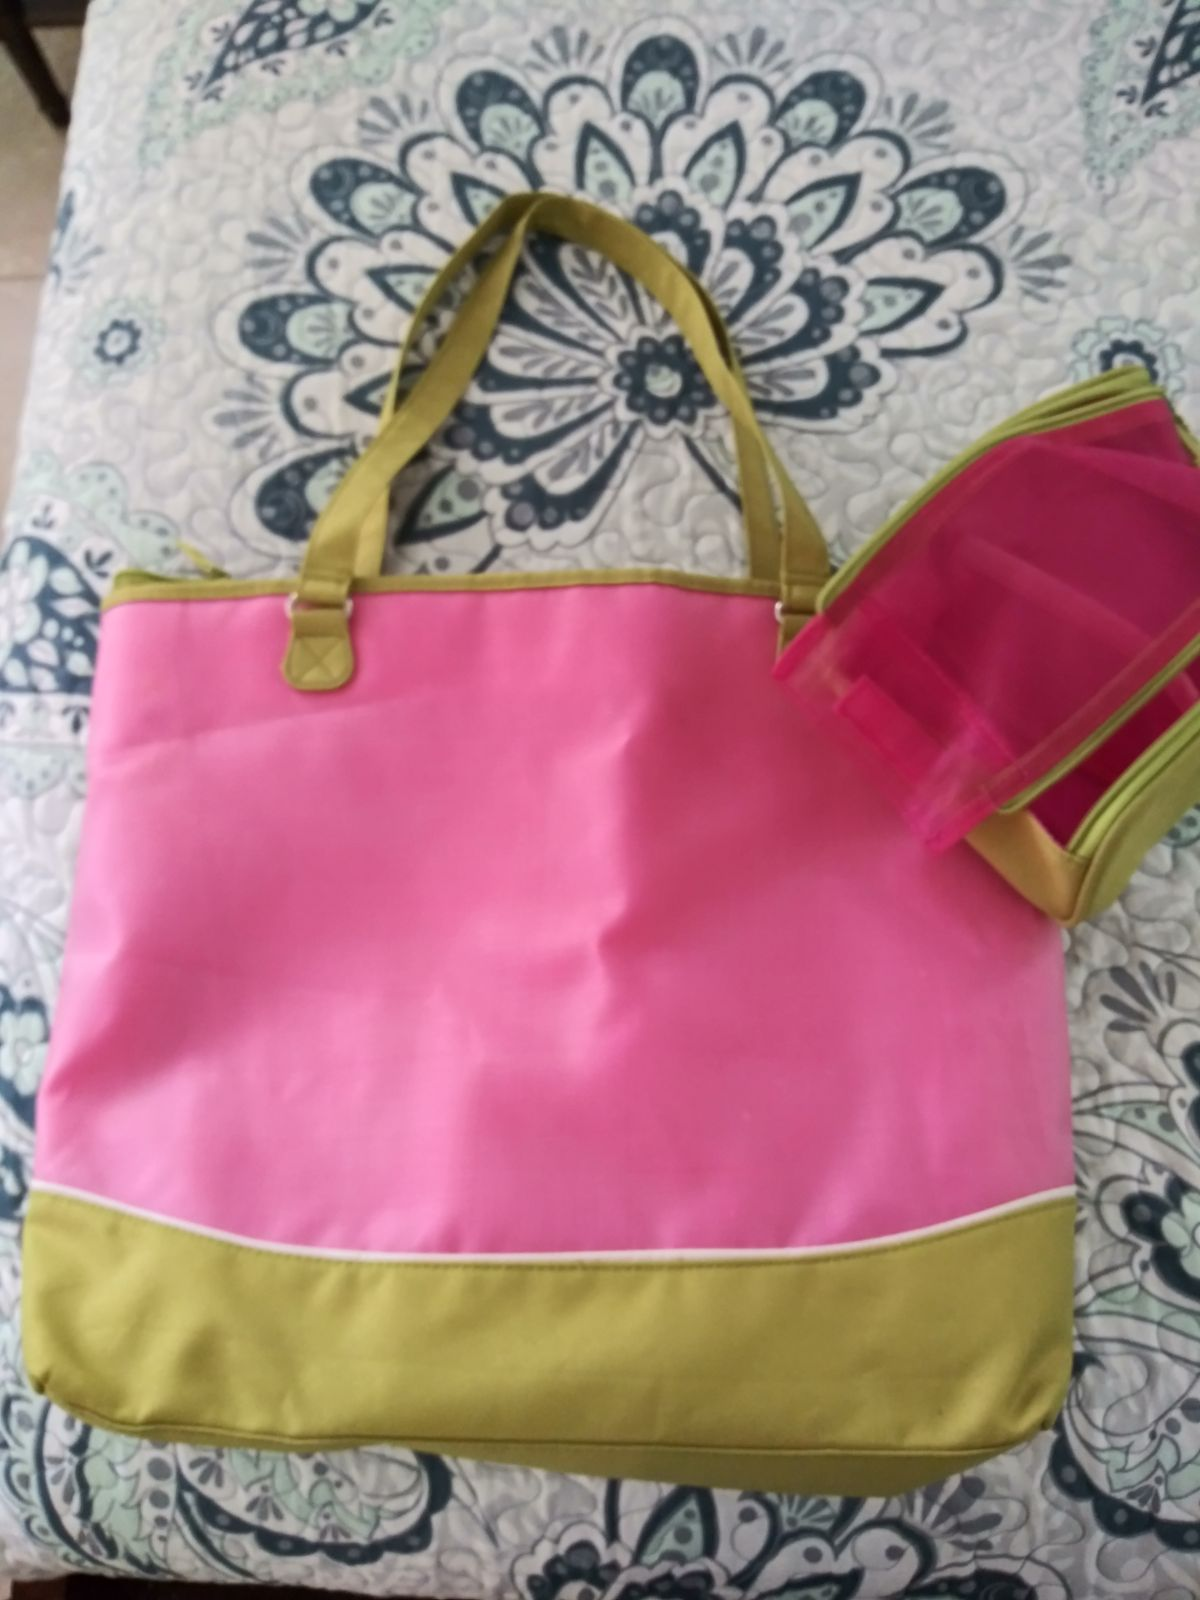 (2) creative memories pink bags